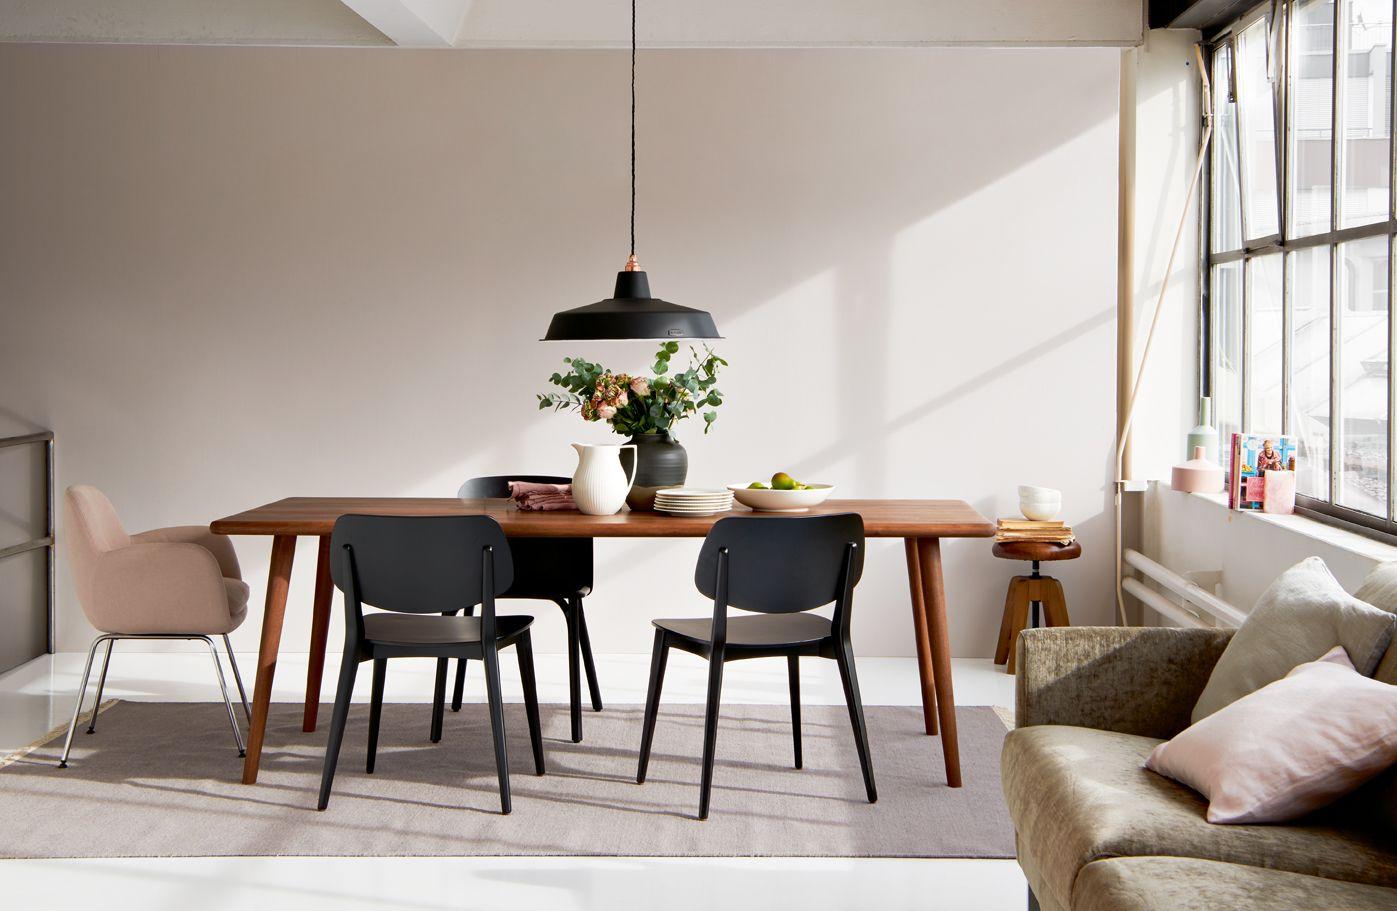 Esszimmertisch Und Stühle tischkultur der look interio frühling2017 essen esszimmer